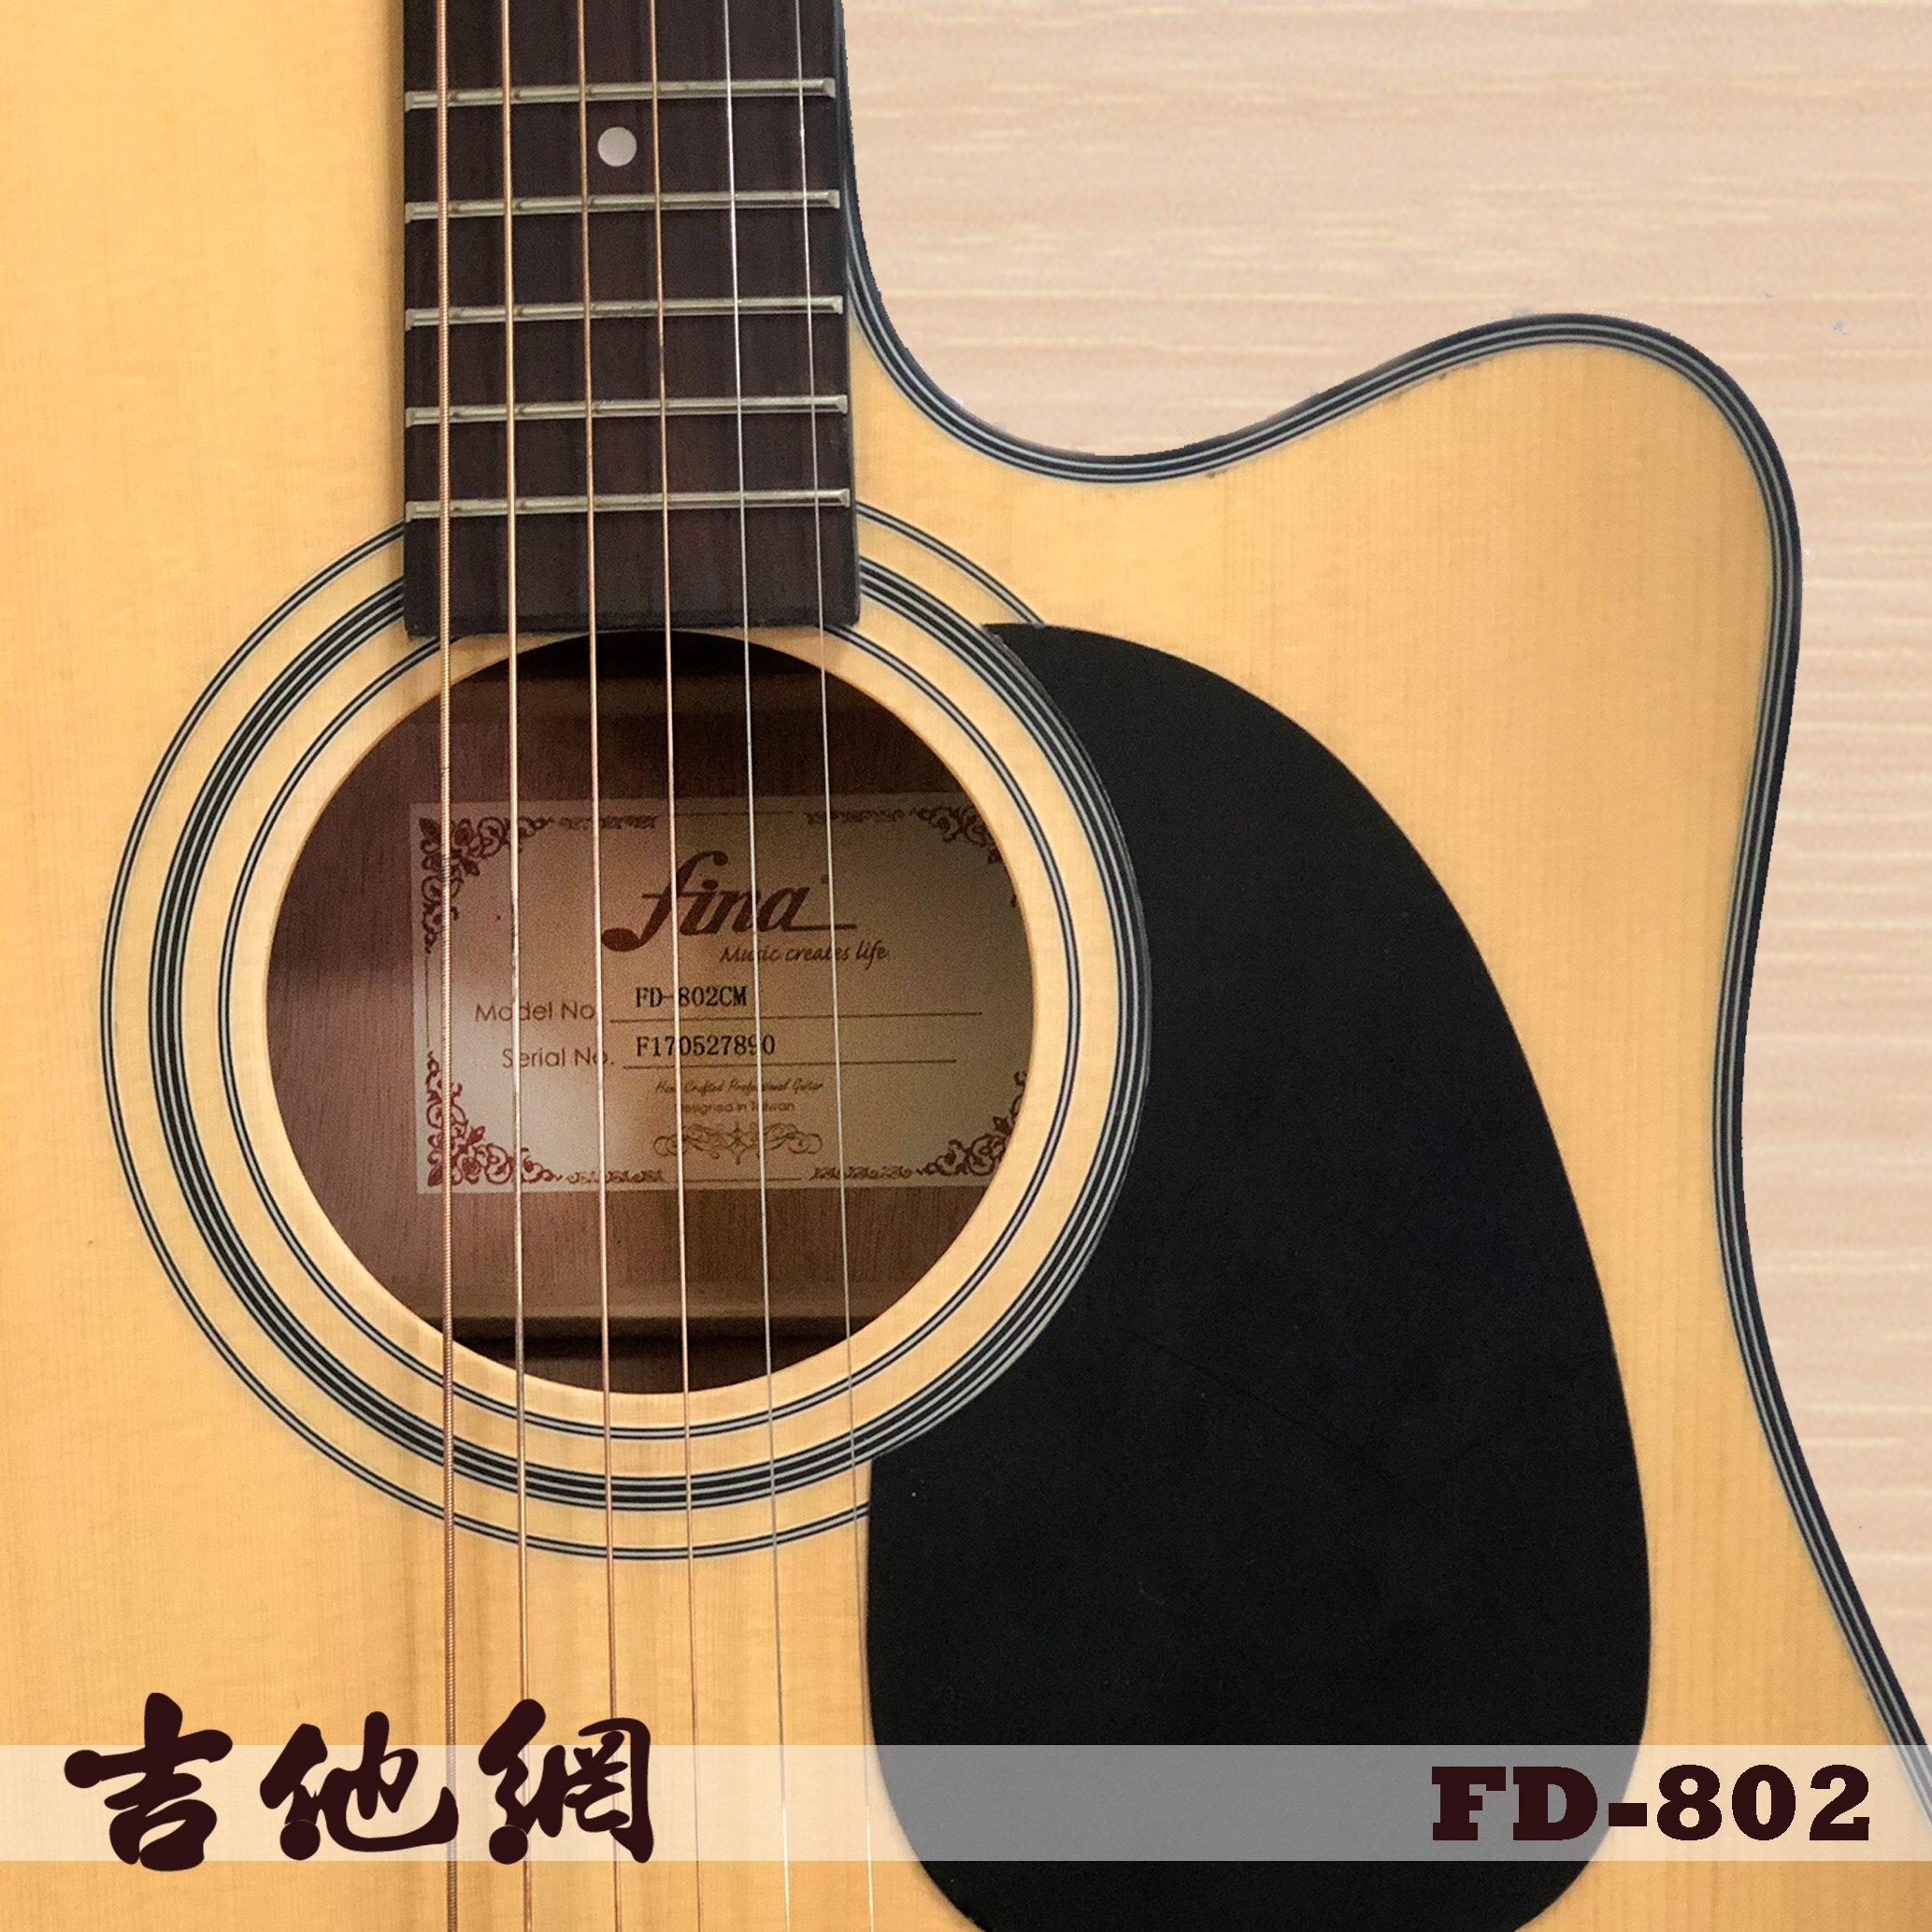 吉他網~Fina FD-802 D桶身36吋3/4女用民謠吉他